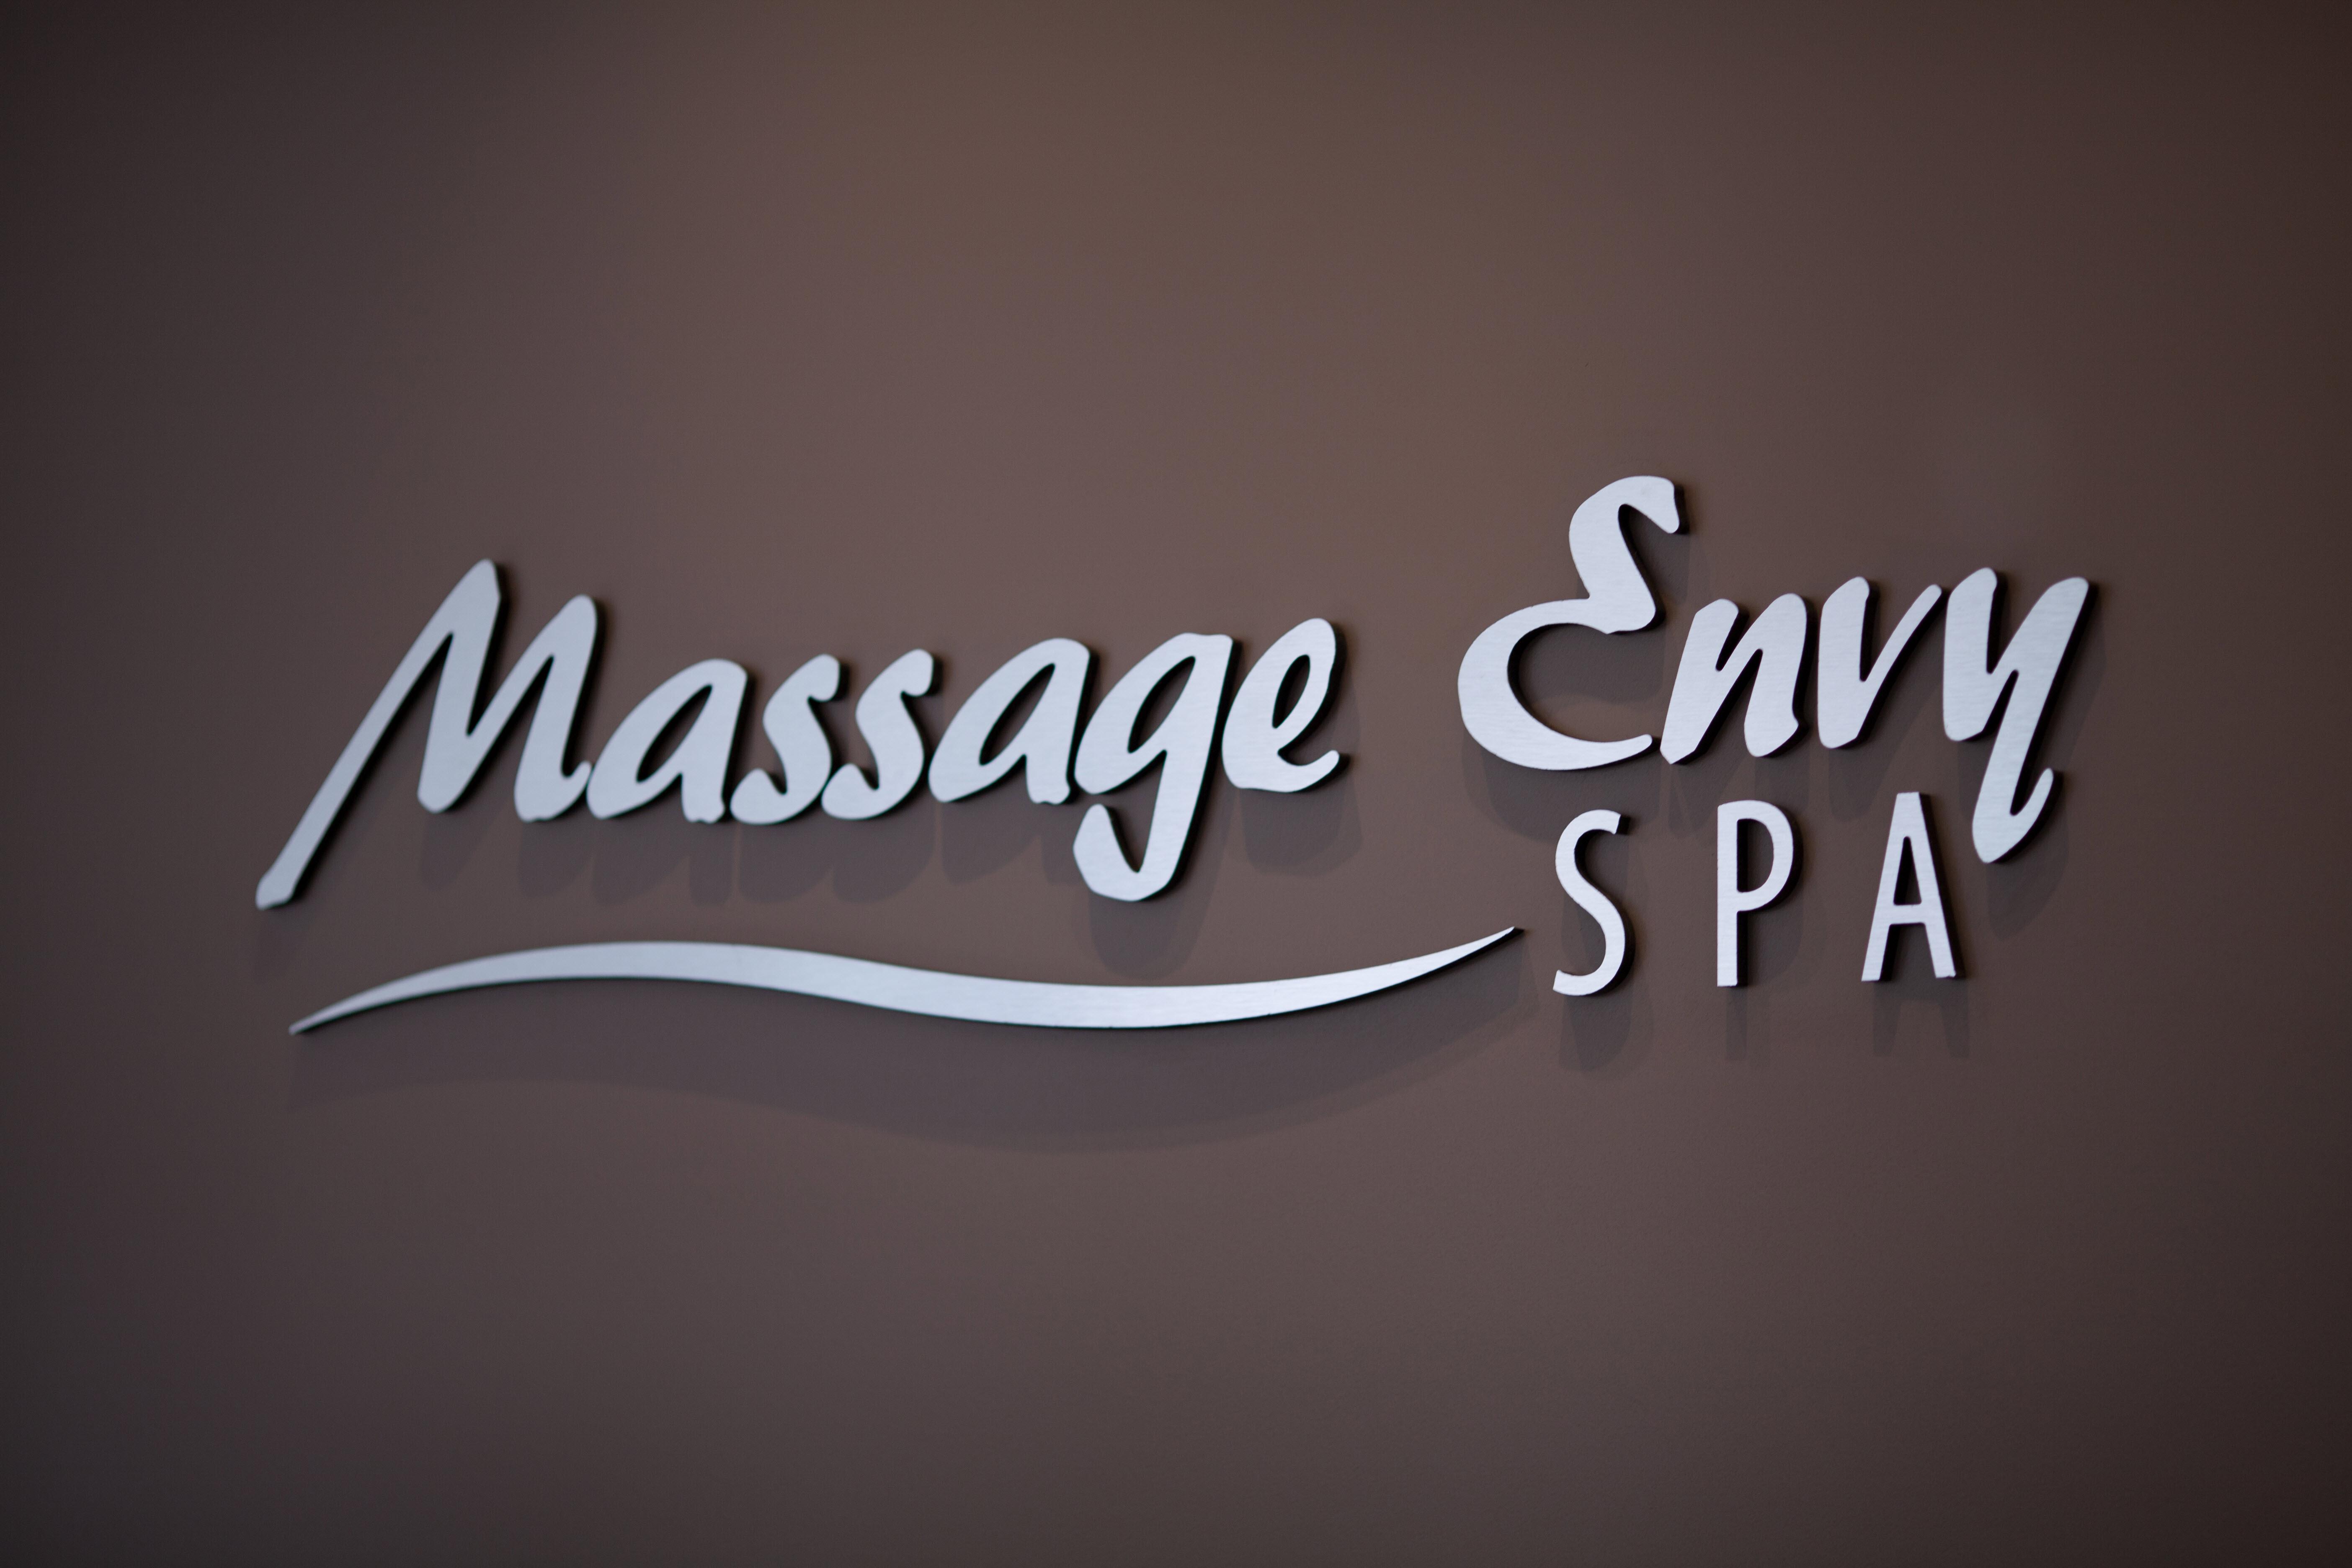 Massage Envy Spa - Webster Groves